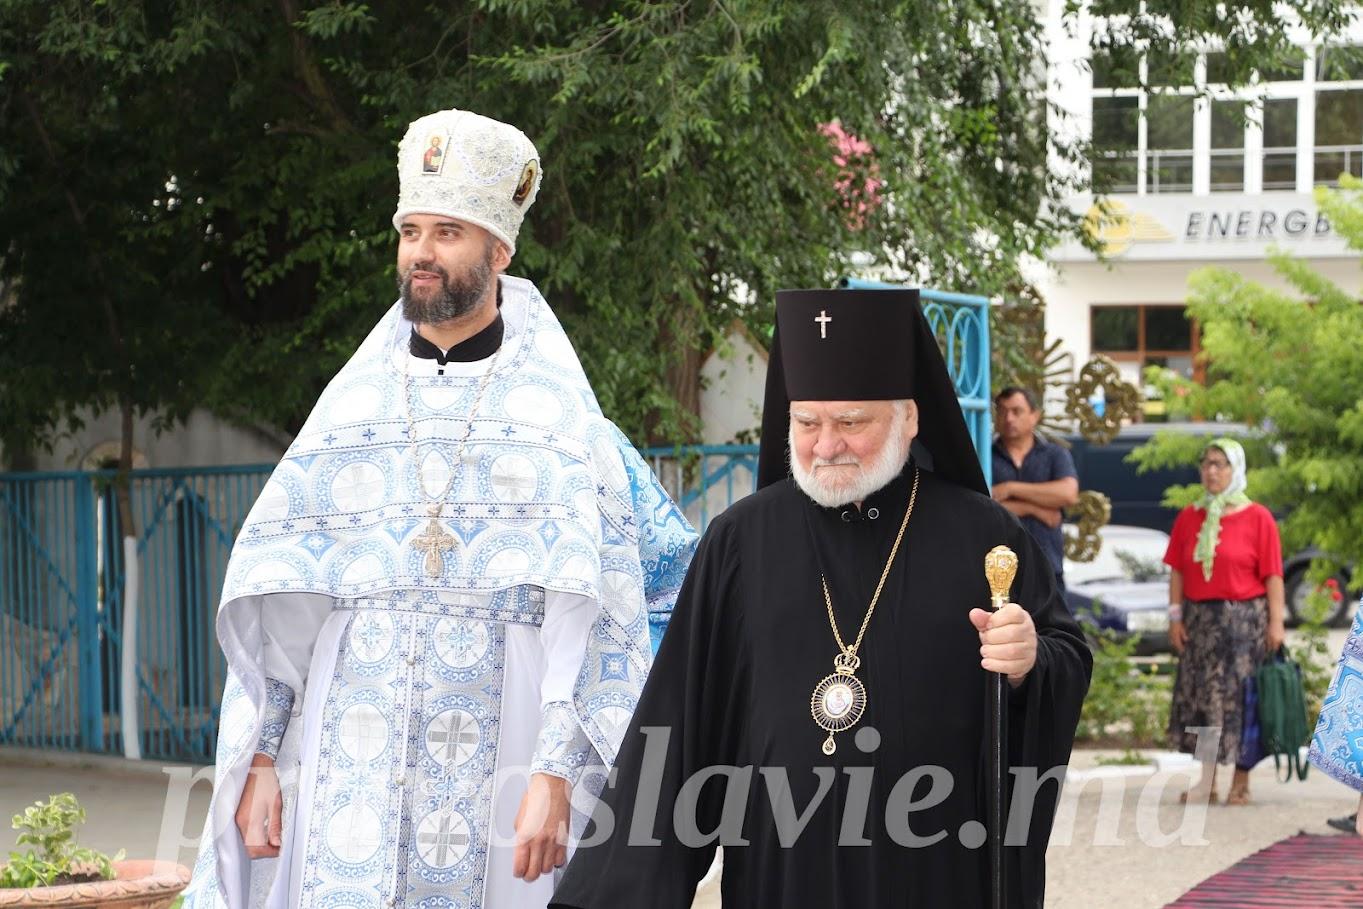 (ФОТО) Храм в честь Казанской иконы Божией Матери мун. Чадыр-Лунга отметил свой престольный праздник